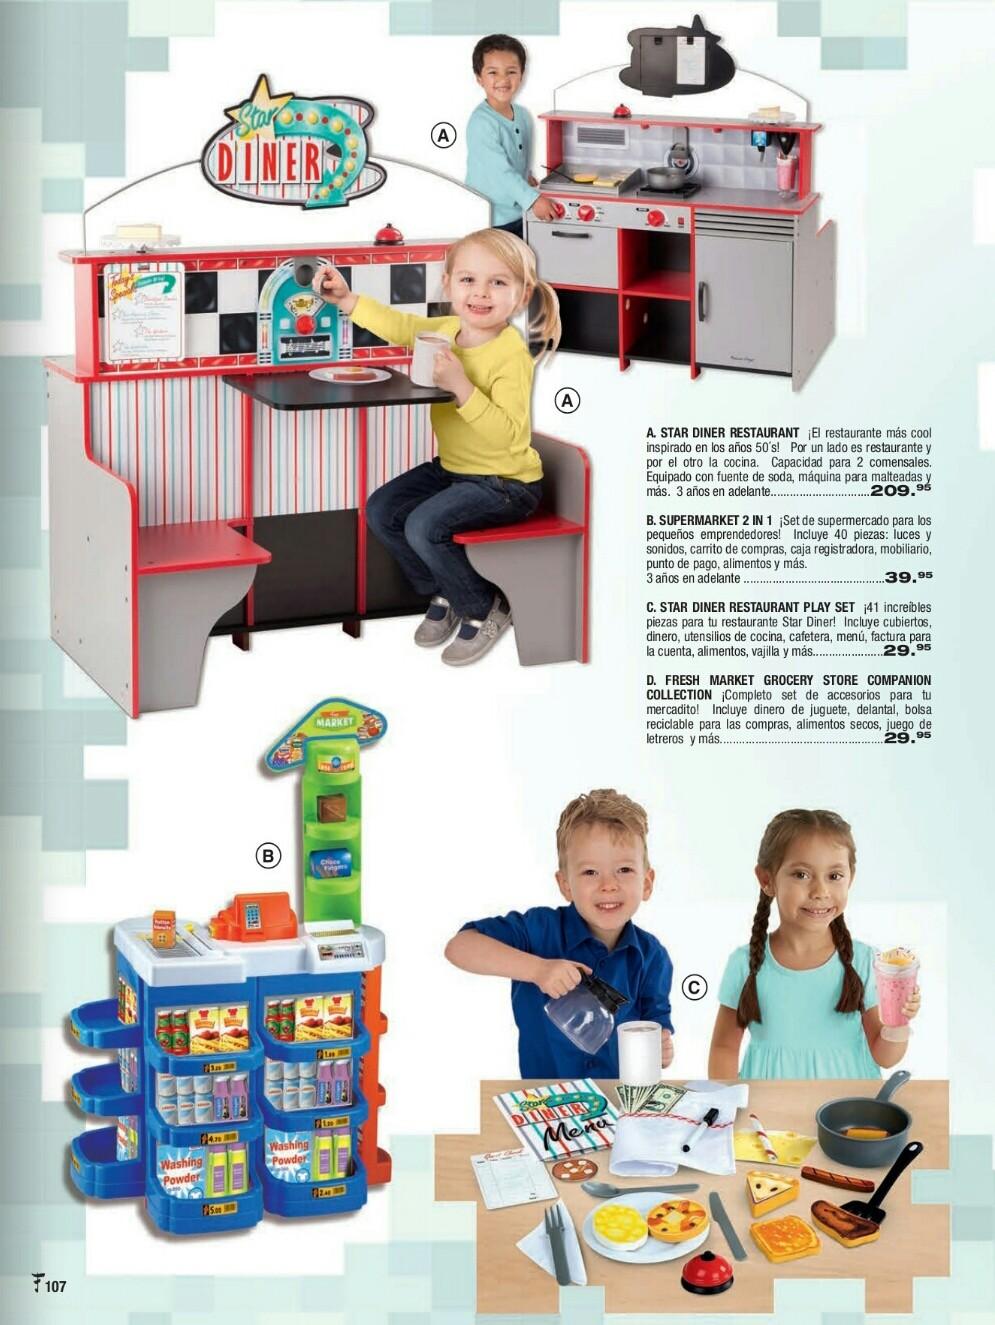 Catalogo juguetes Felix B Maduro 2018 p107